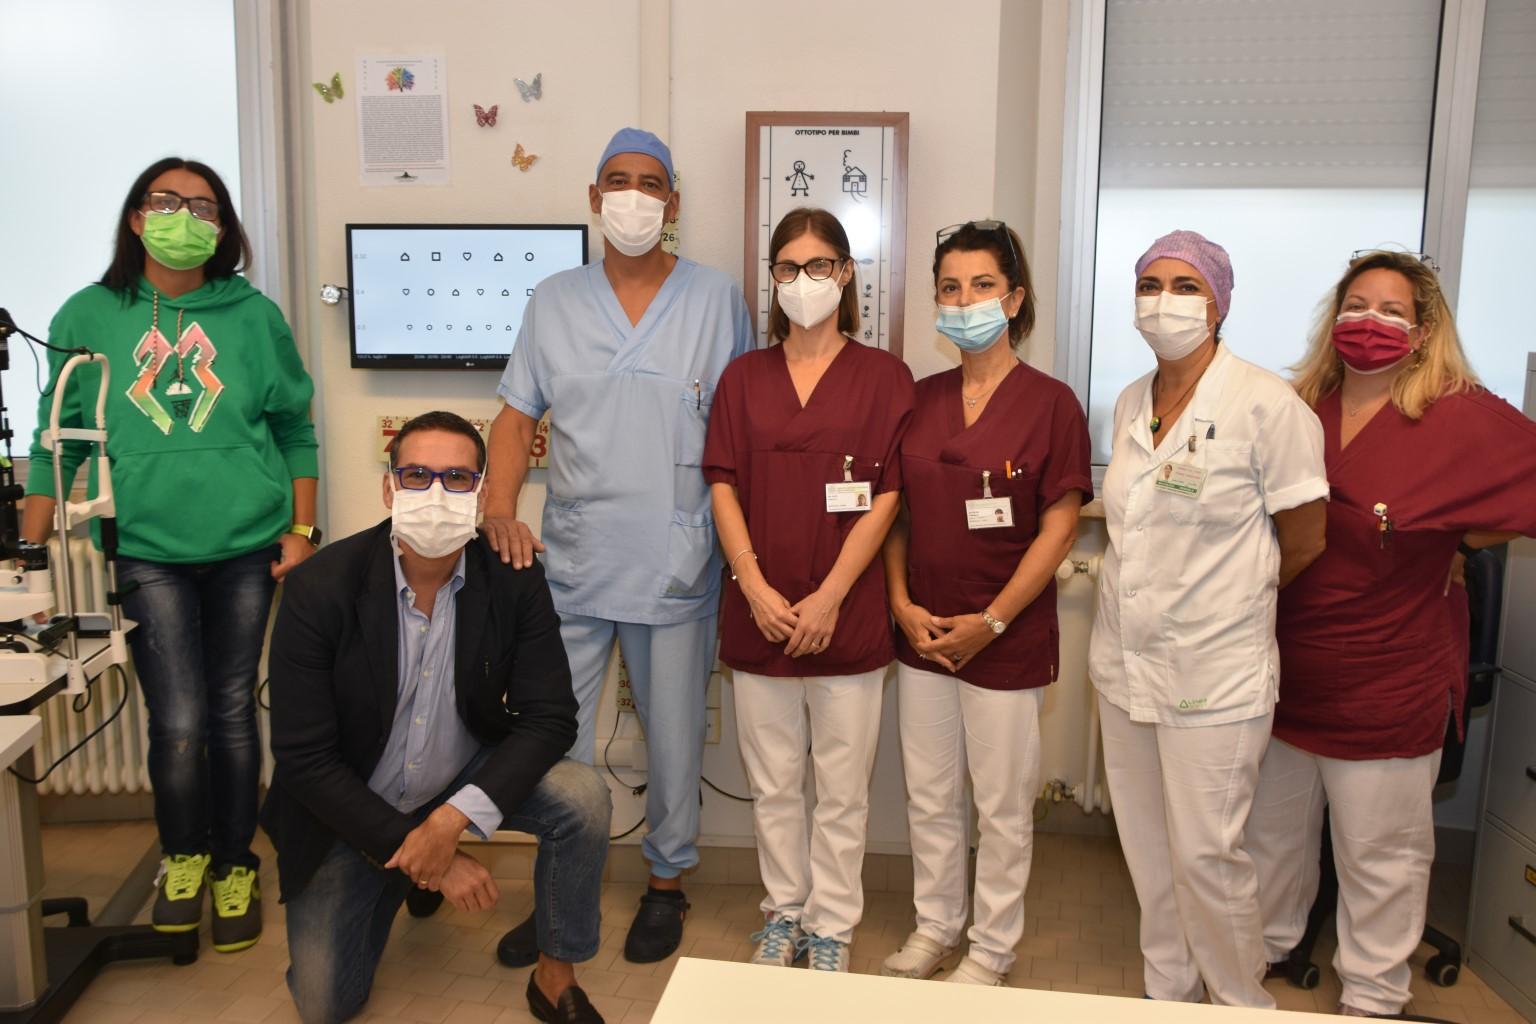 Oculistica-donato-ottoitipo-x-ortottica